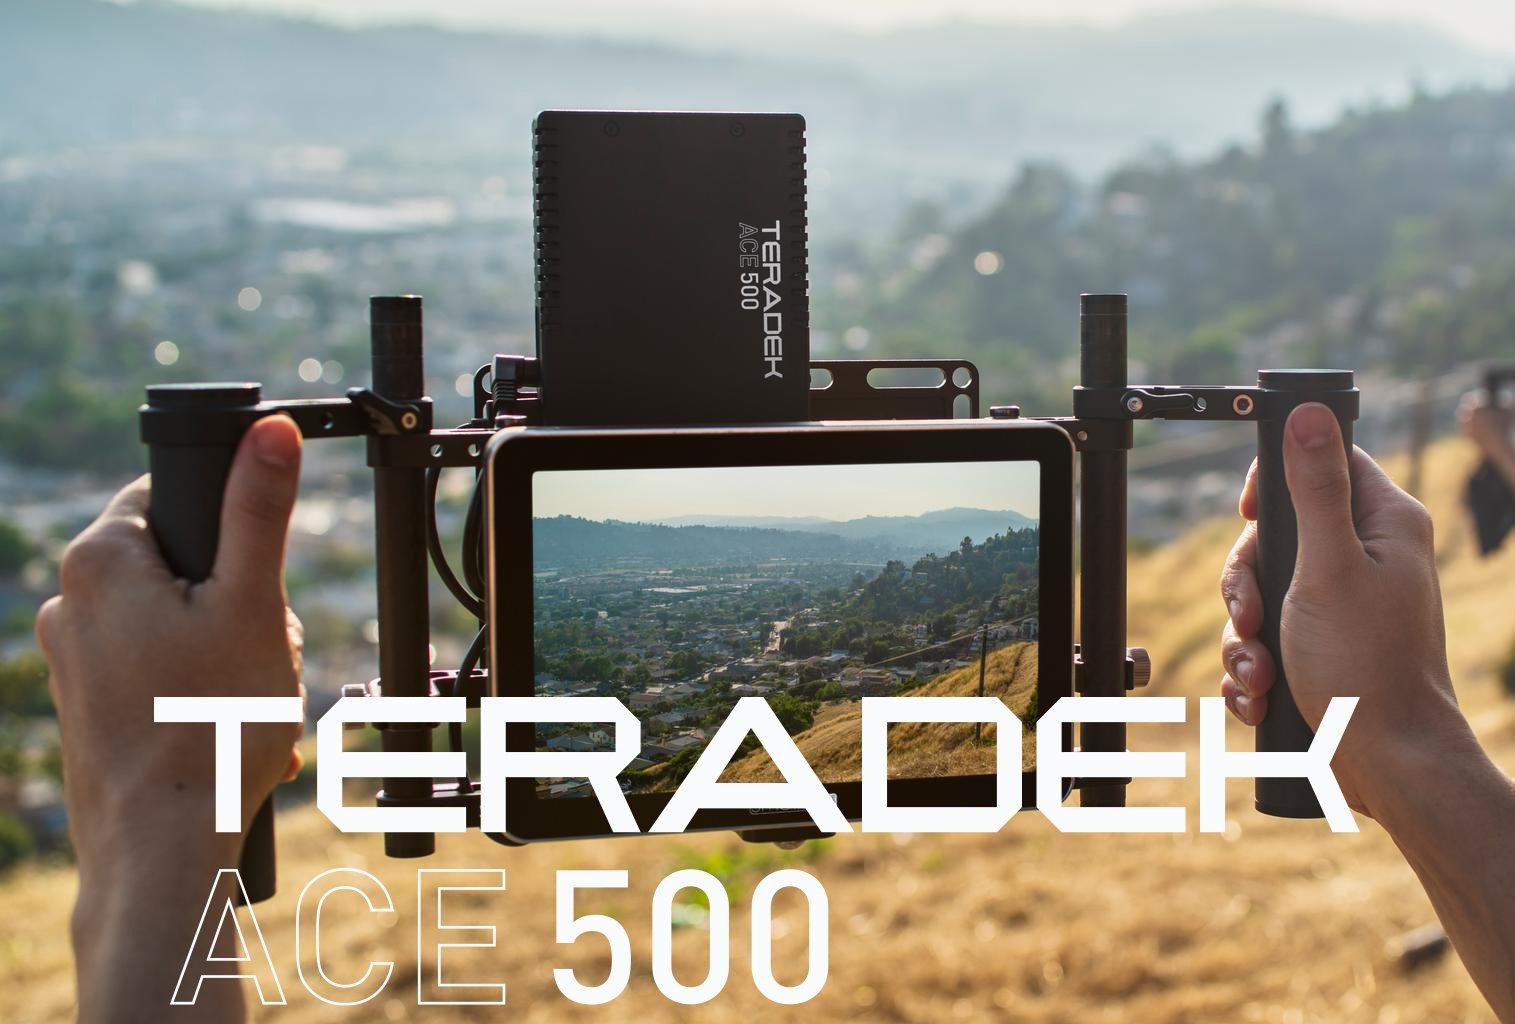 Ace500